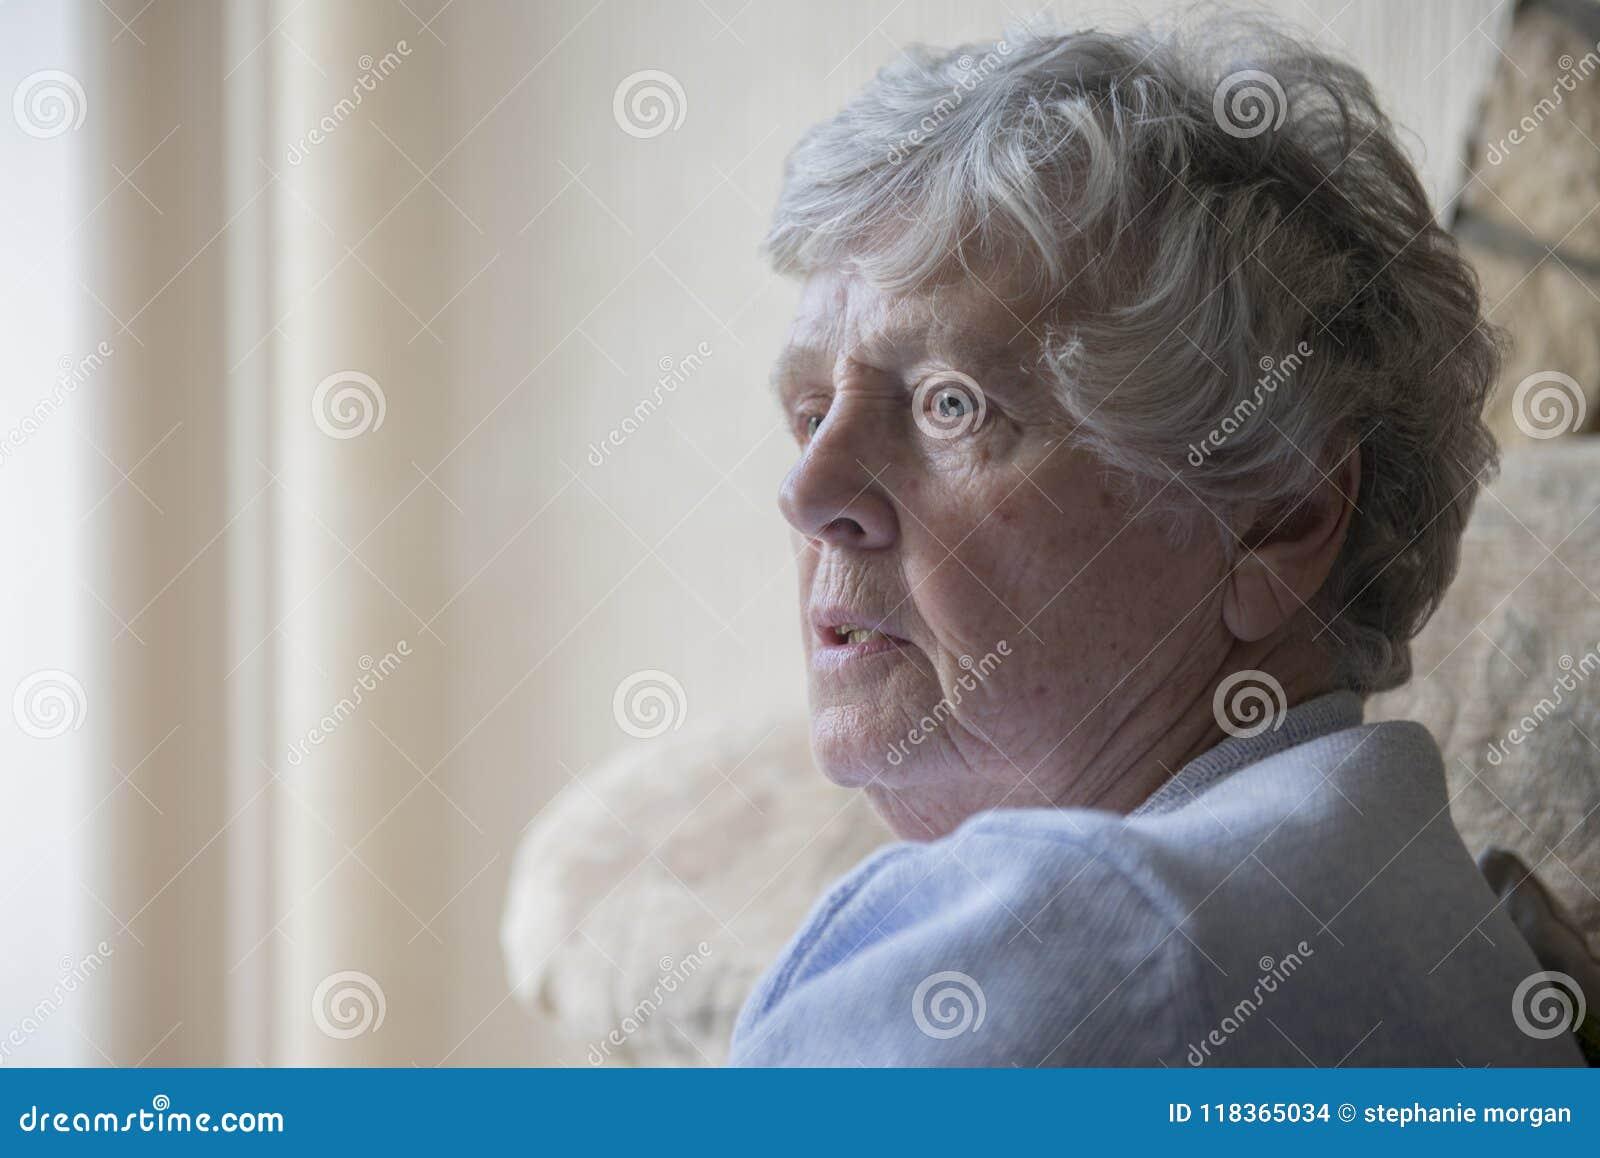 Retrato de una mujer mayor que parece trastornada